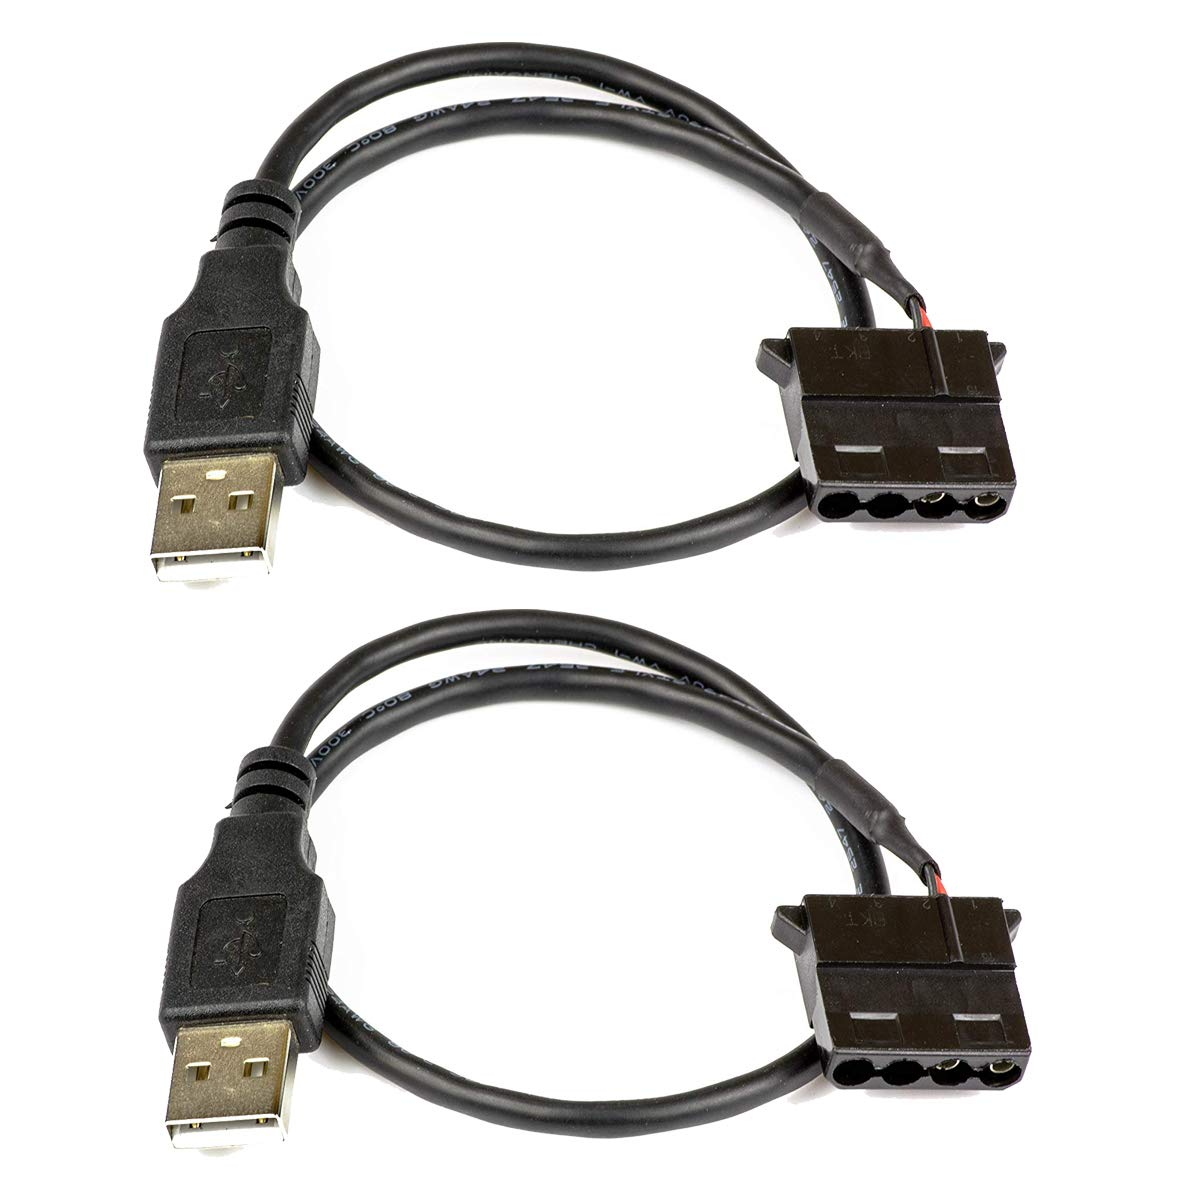 Aiyide AYD-USB-Molex USB-Molex Cable 5V USB to 12V 4 Pin Molex Computer PC Fan Adaptor Connector Cable Cord Wire 2 Pack USB to 4-Pin Molex Fan Power Cable Silent 5V Operation